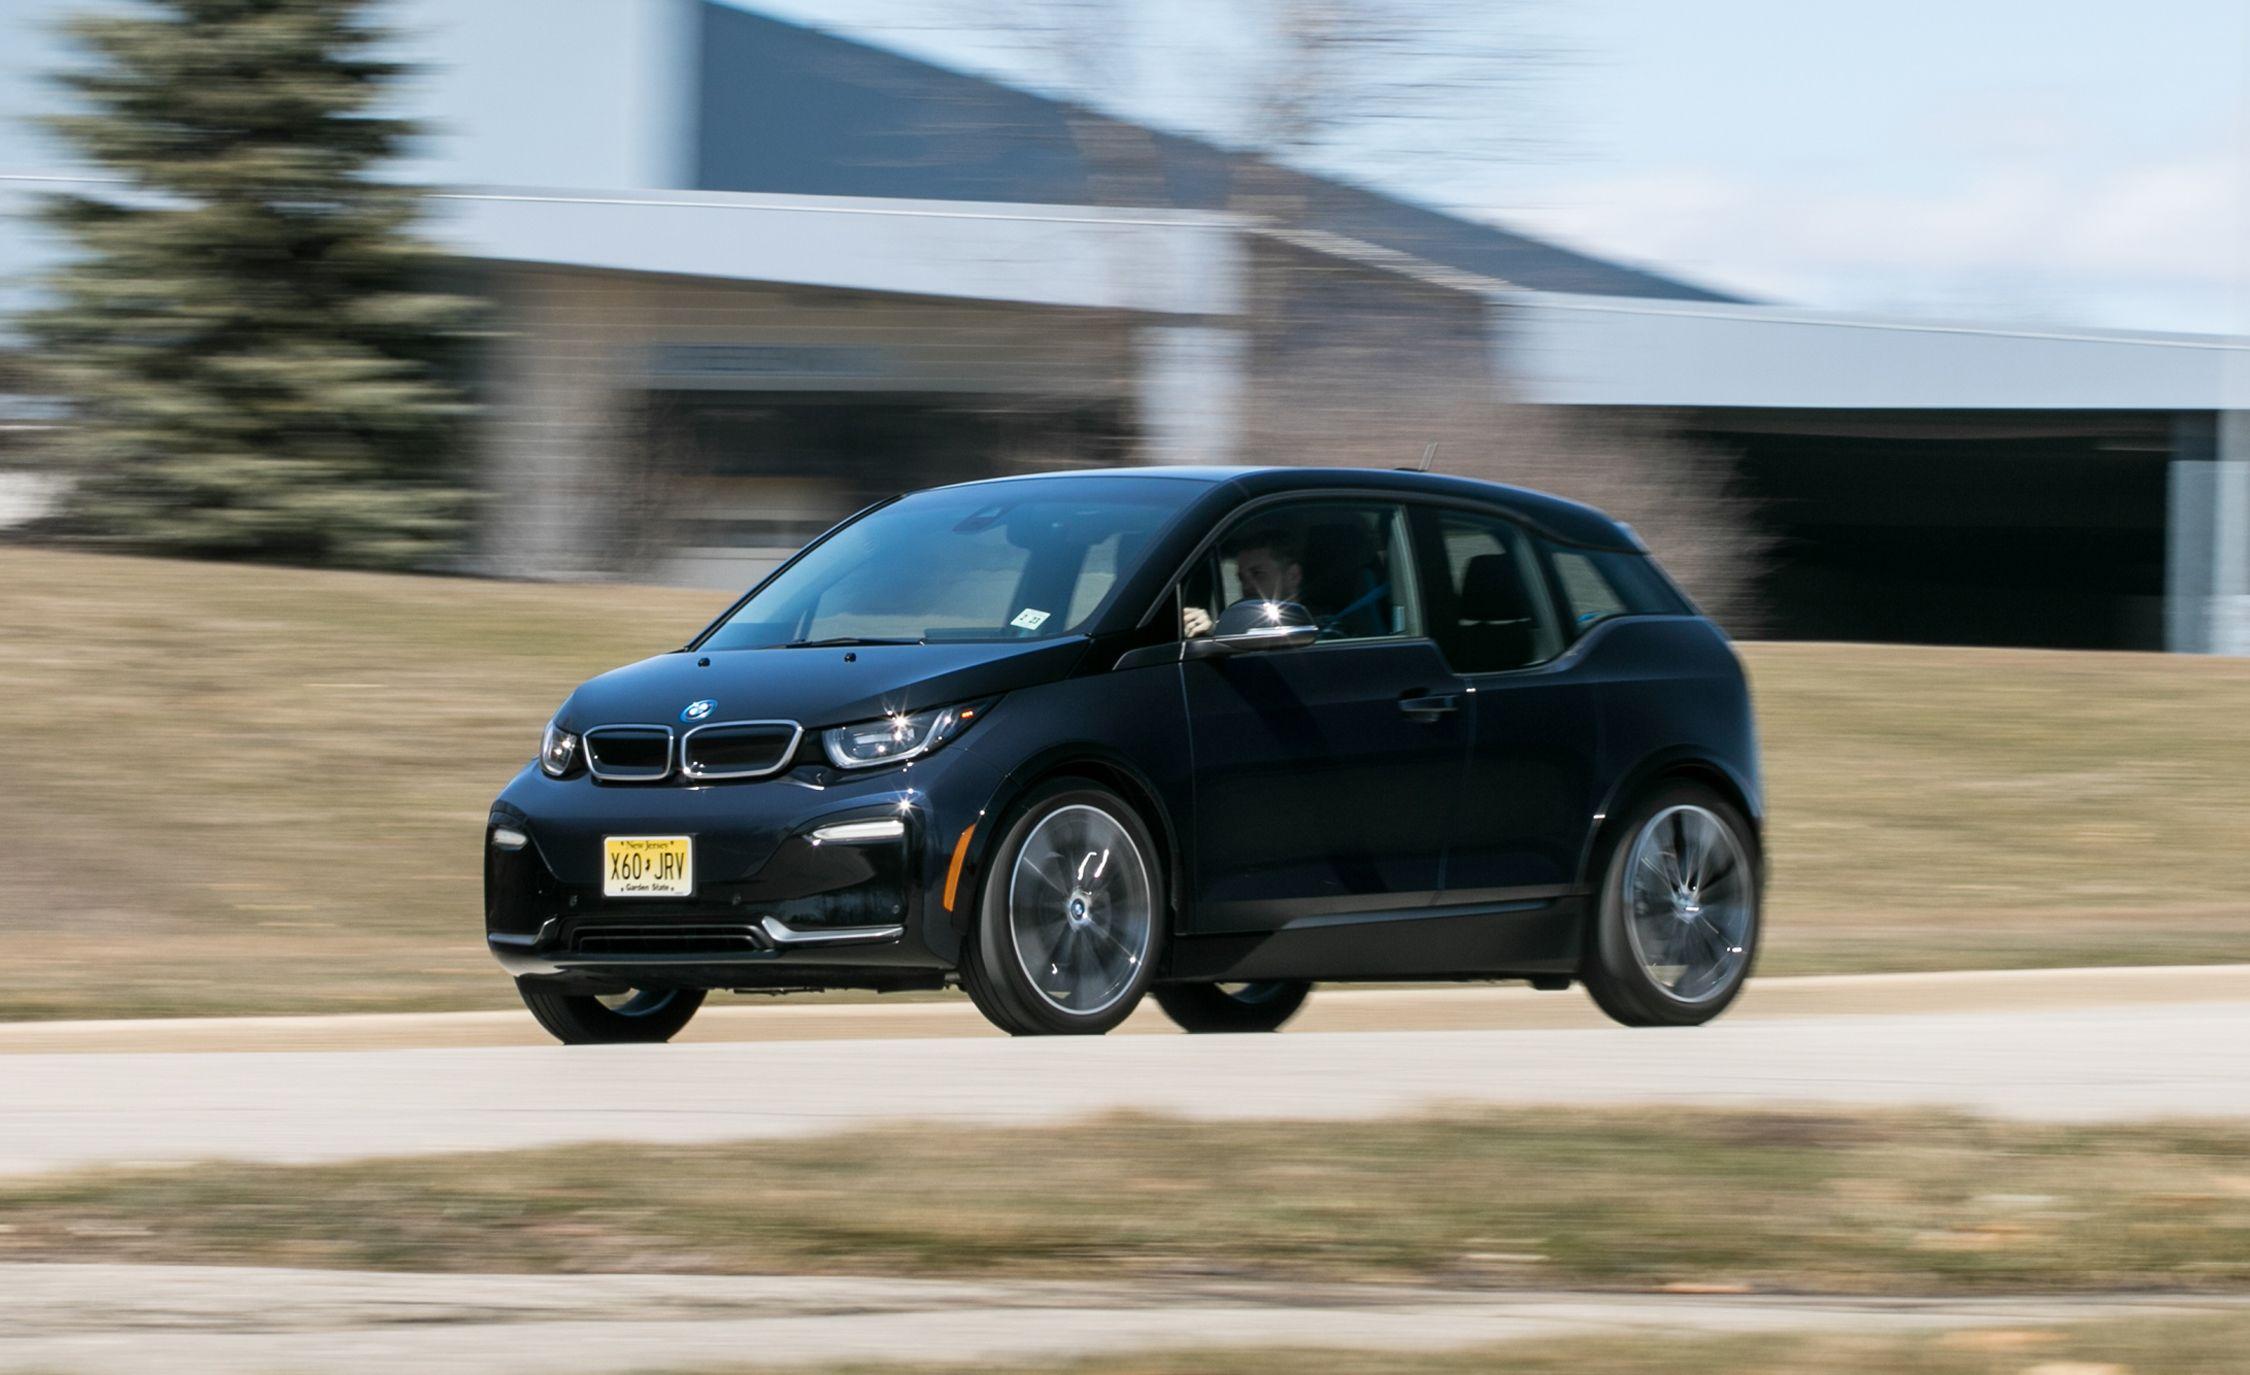 2018 BMW i3s EV